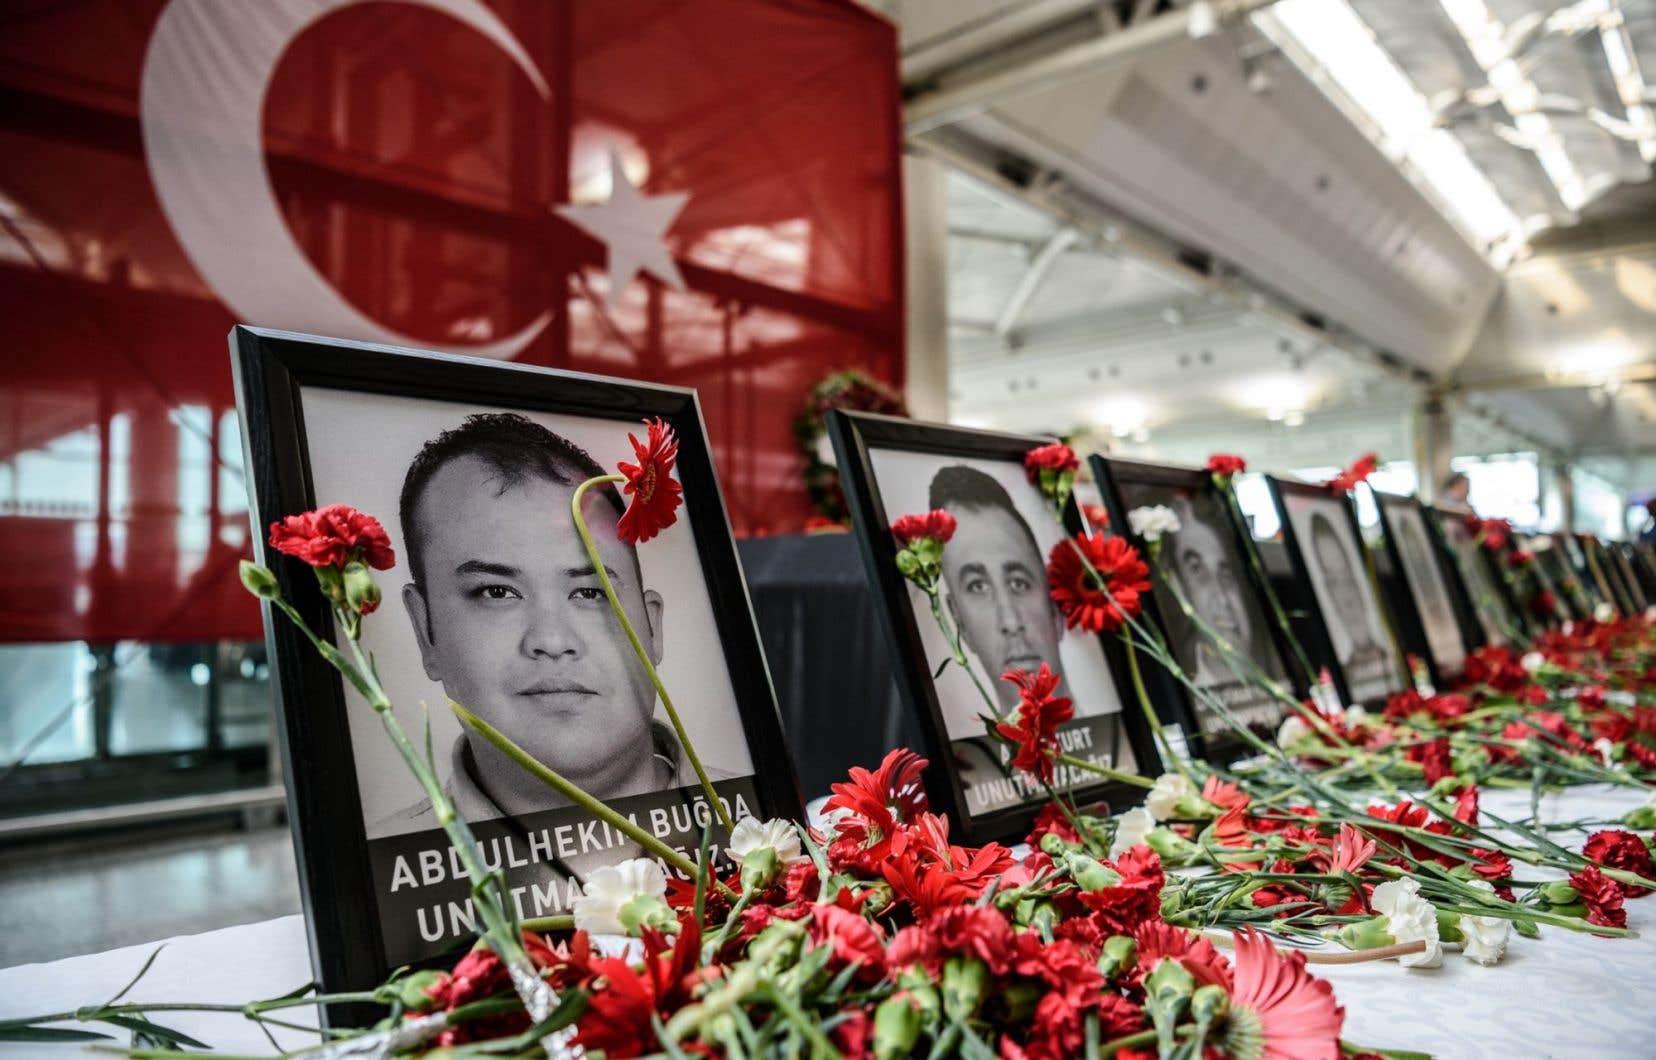 L'attentat qui a frappé le terminal international de l'aéroport Atatürk le 28 juin a fait plus de 40 morts de 13 nationalités